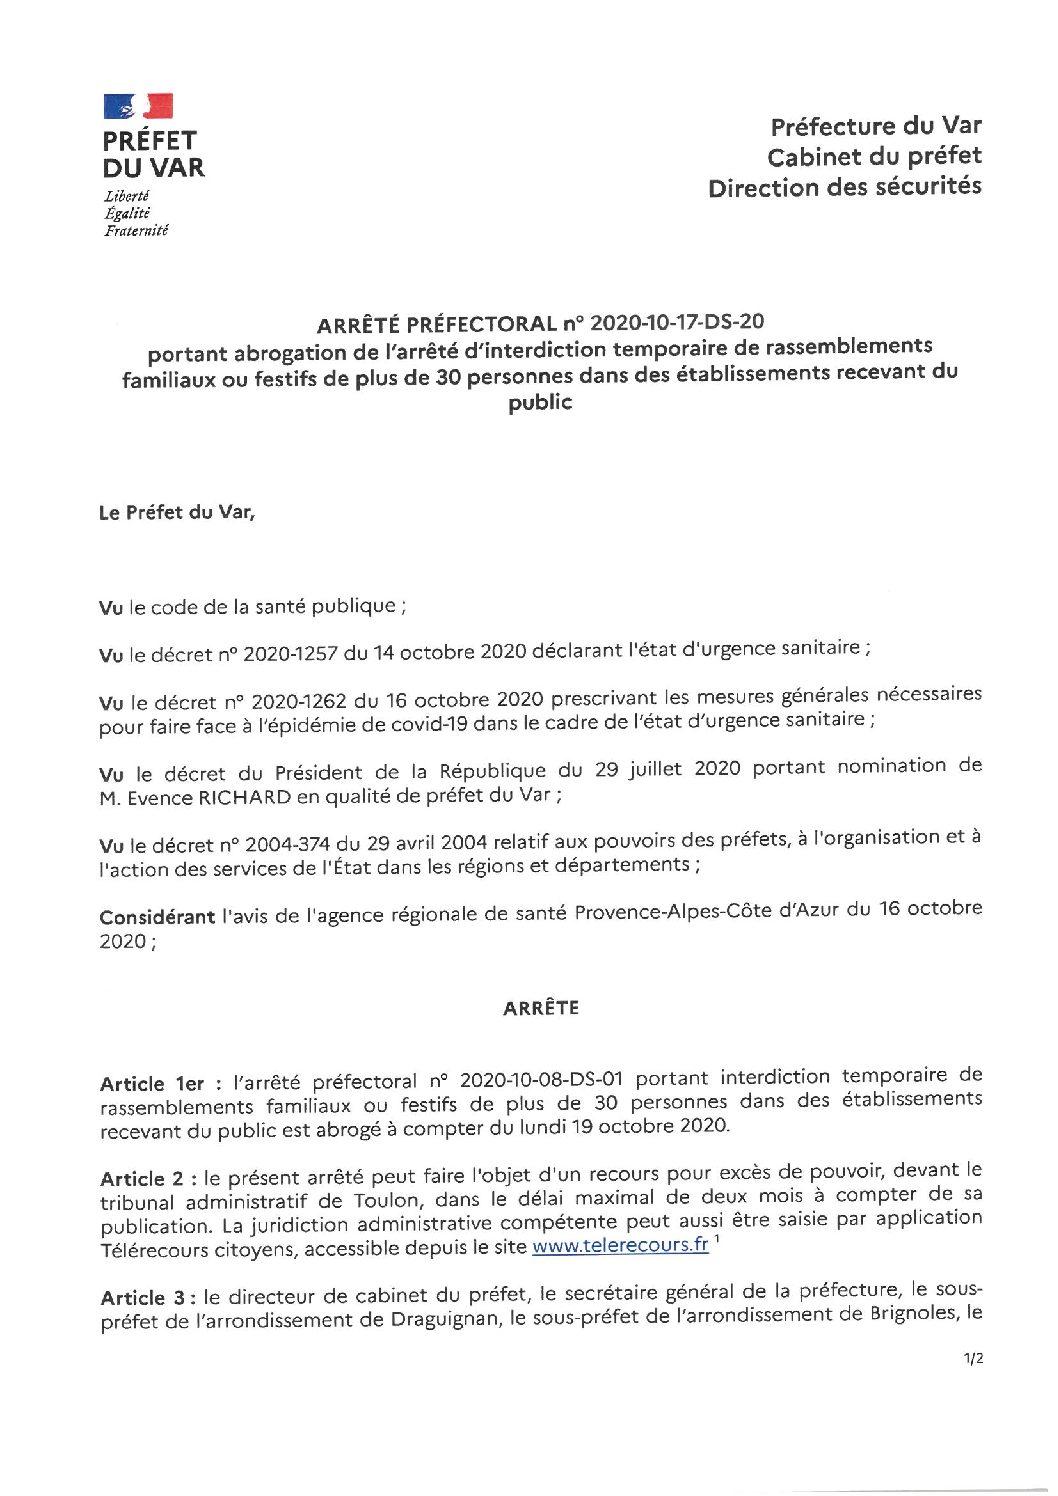 Arrêté préfectoral portant interdiction temporaire de rassemblements familiaux ou festifs de plus de 30 personnes